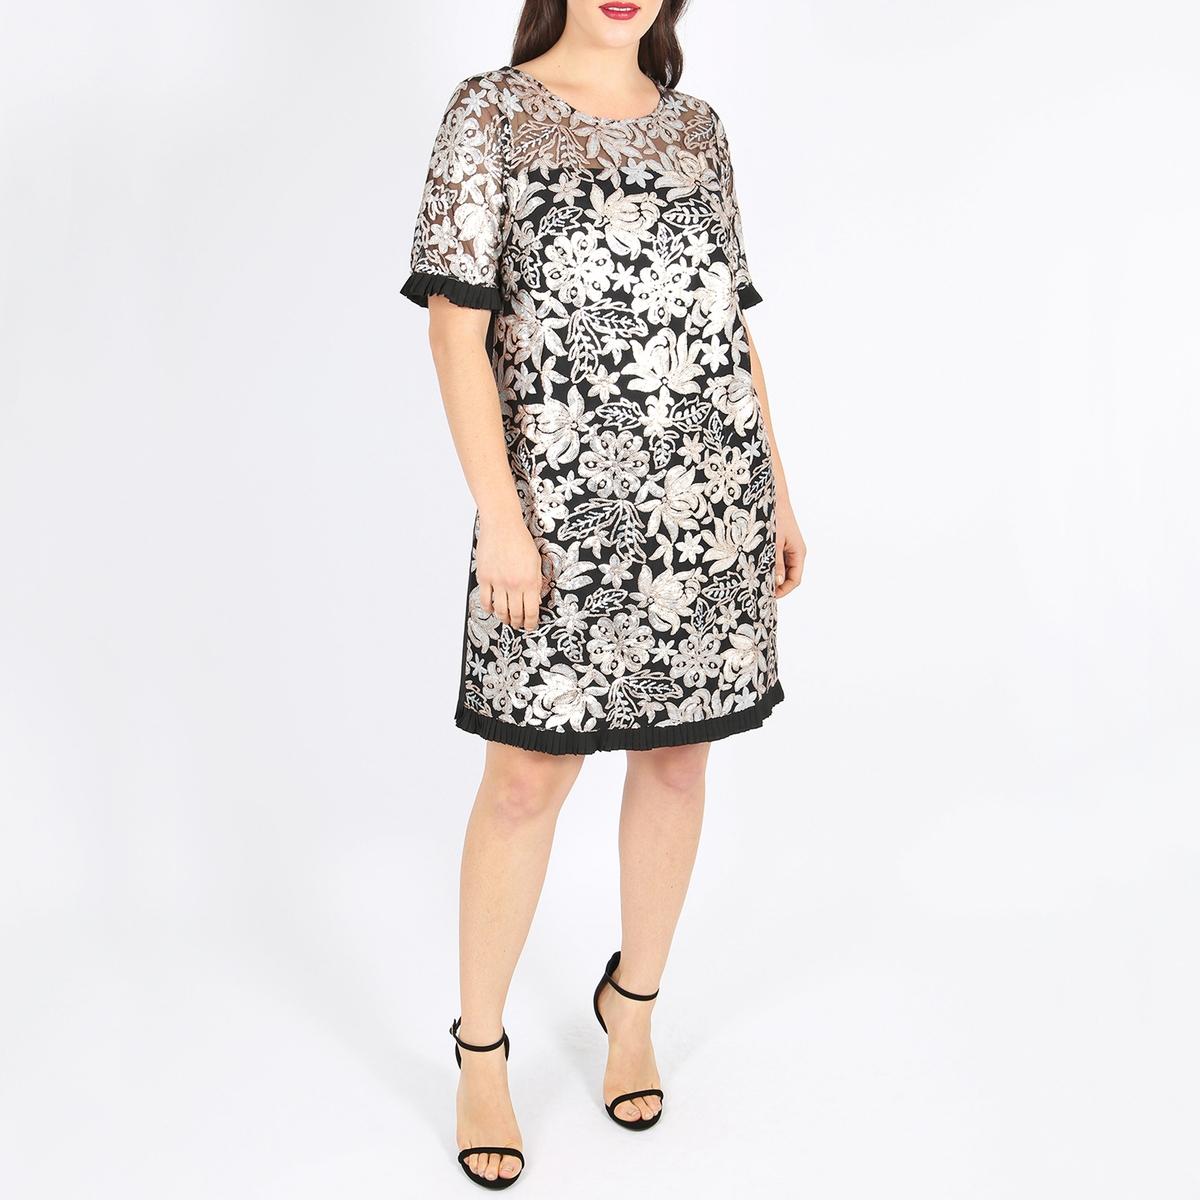 Платье с круглым вырезом, пайетками и короткими рукавами платье с короткими рукавами верх с пайетками page 1